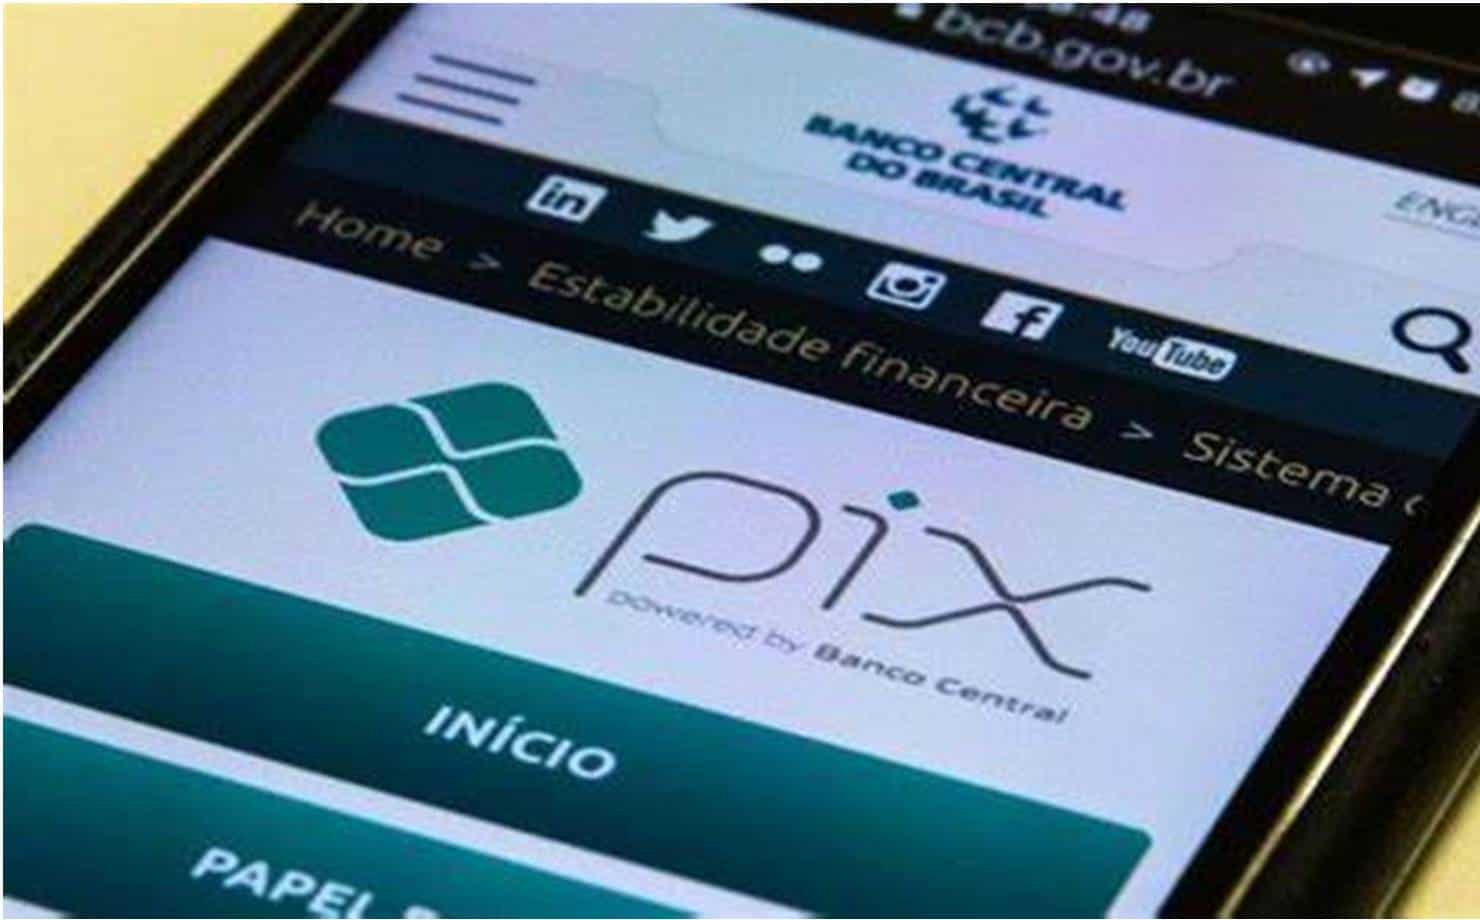 Operações do PIX terão limite de R$ 1 mil no período da noite a partir de hoje